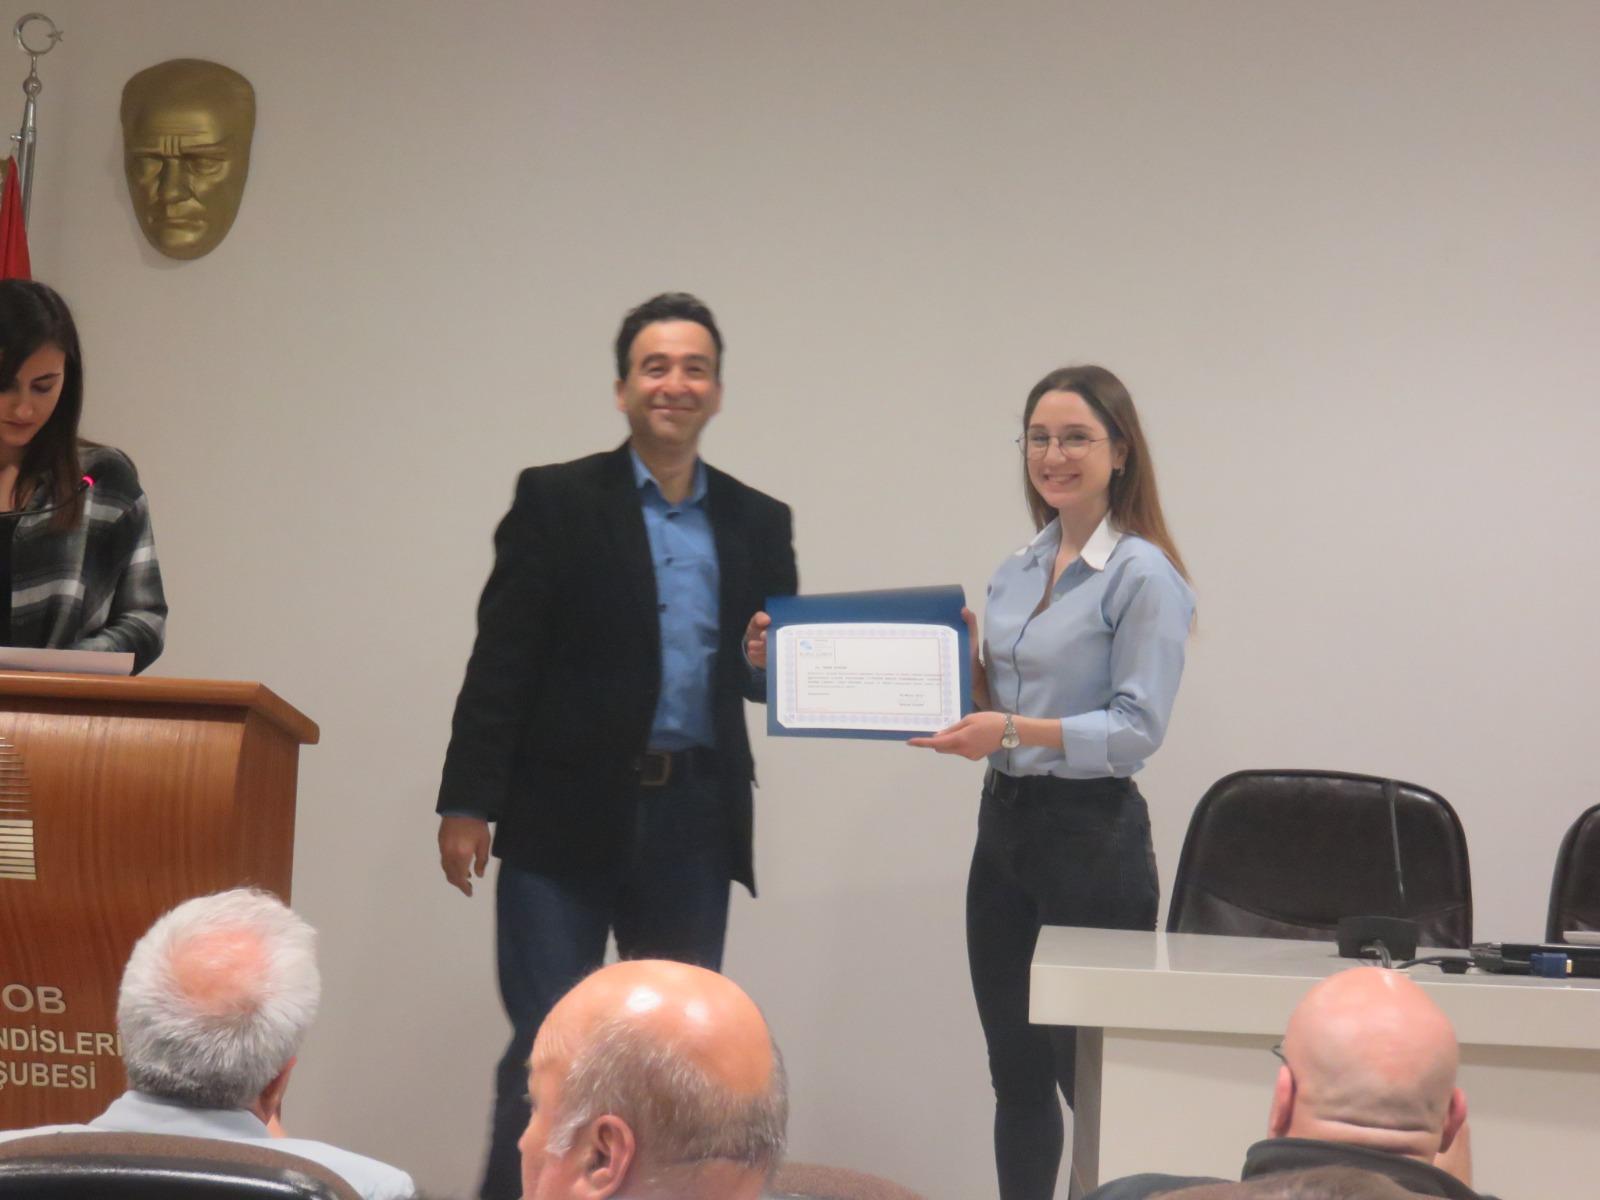 EMO 15.Özgün Proje Yarışmasında İkincilik Ödülü